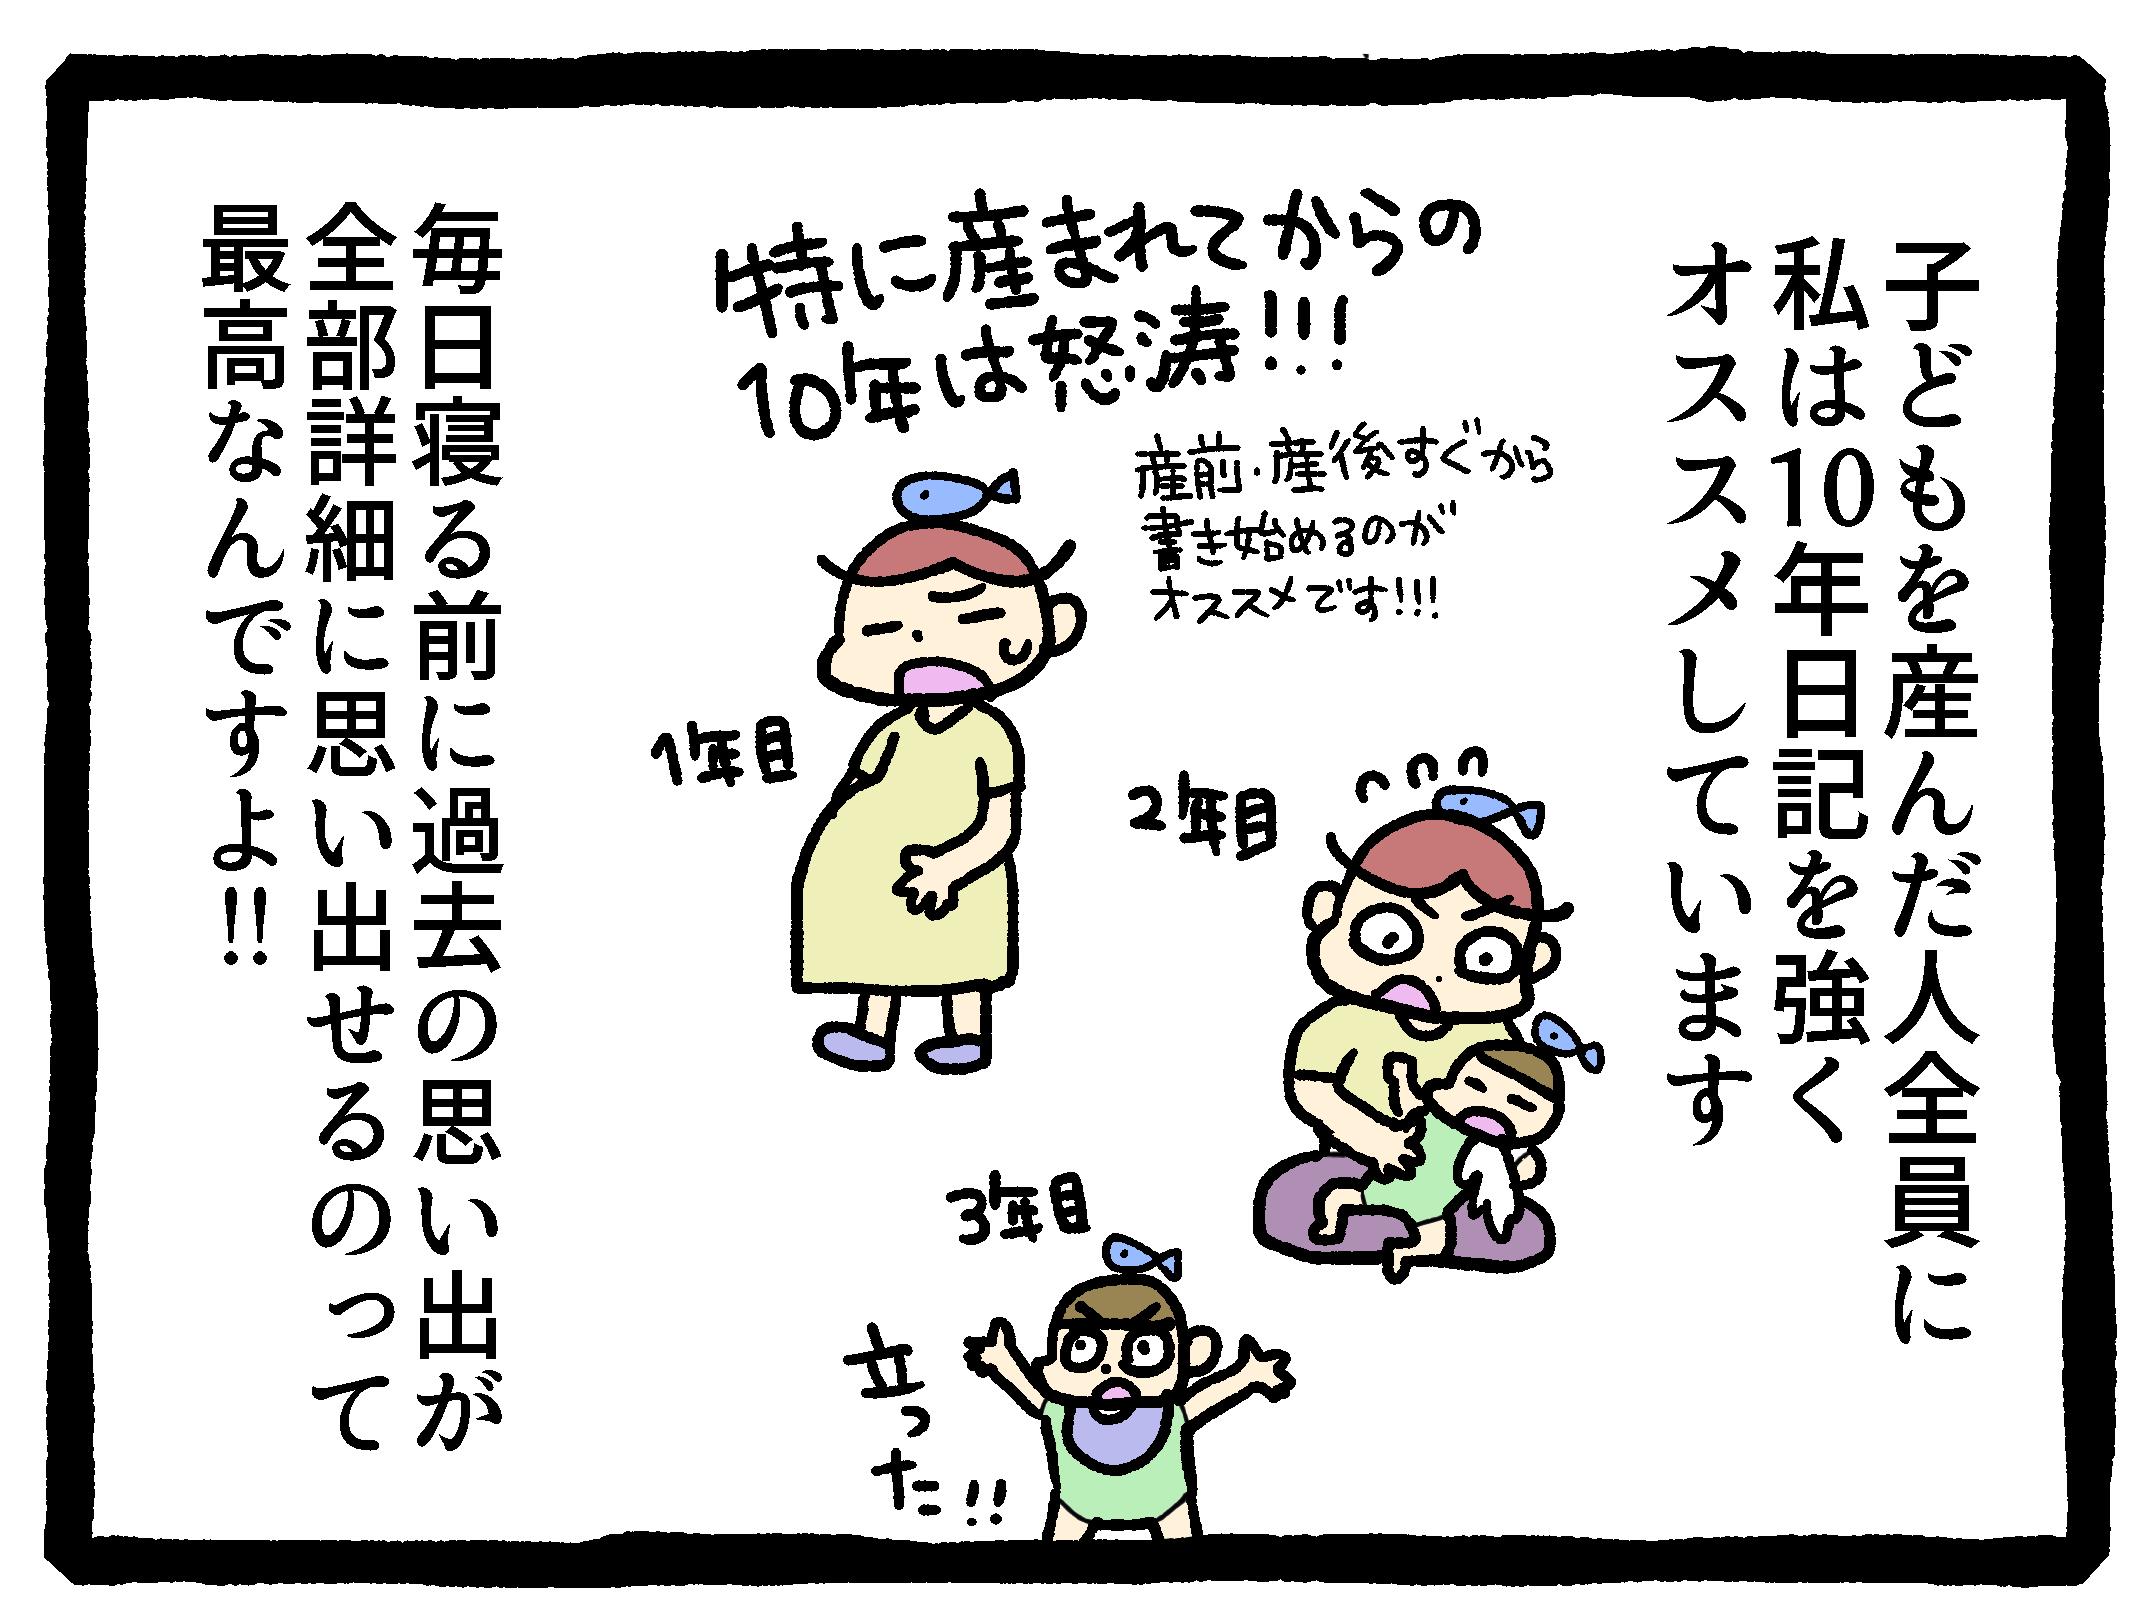 妊娠・出産したら10年日記!